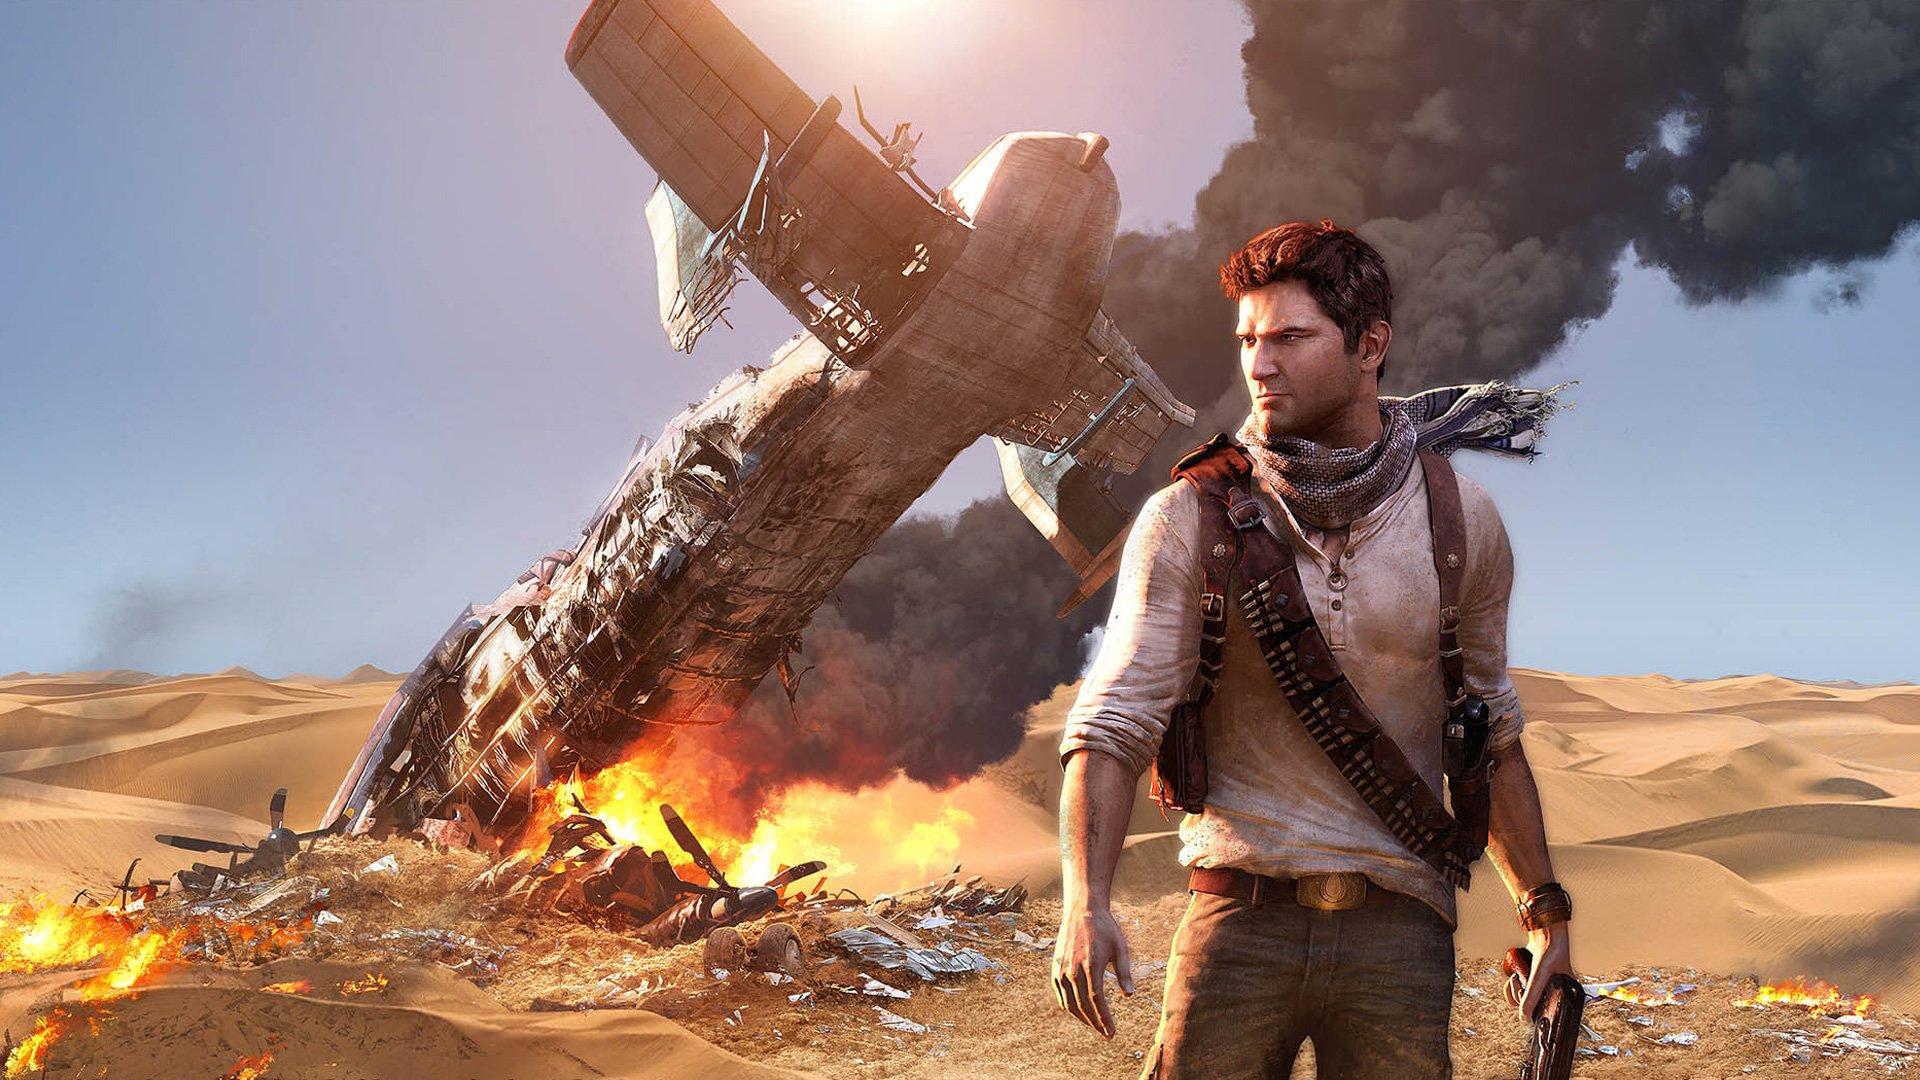 Uncharted:В поисках священной приставки PS2.- Дрейк, не хочешь ли ты найти священную приставку PS2 – сказала Елена.- ... - Изображение 1